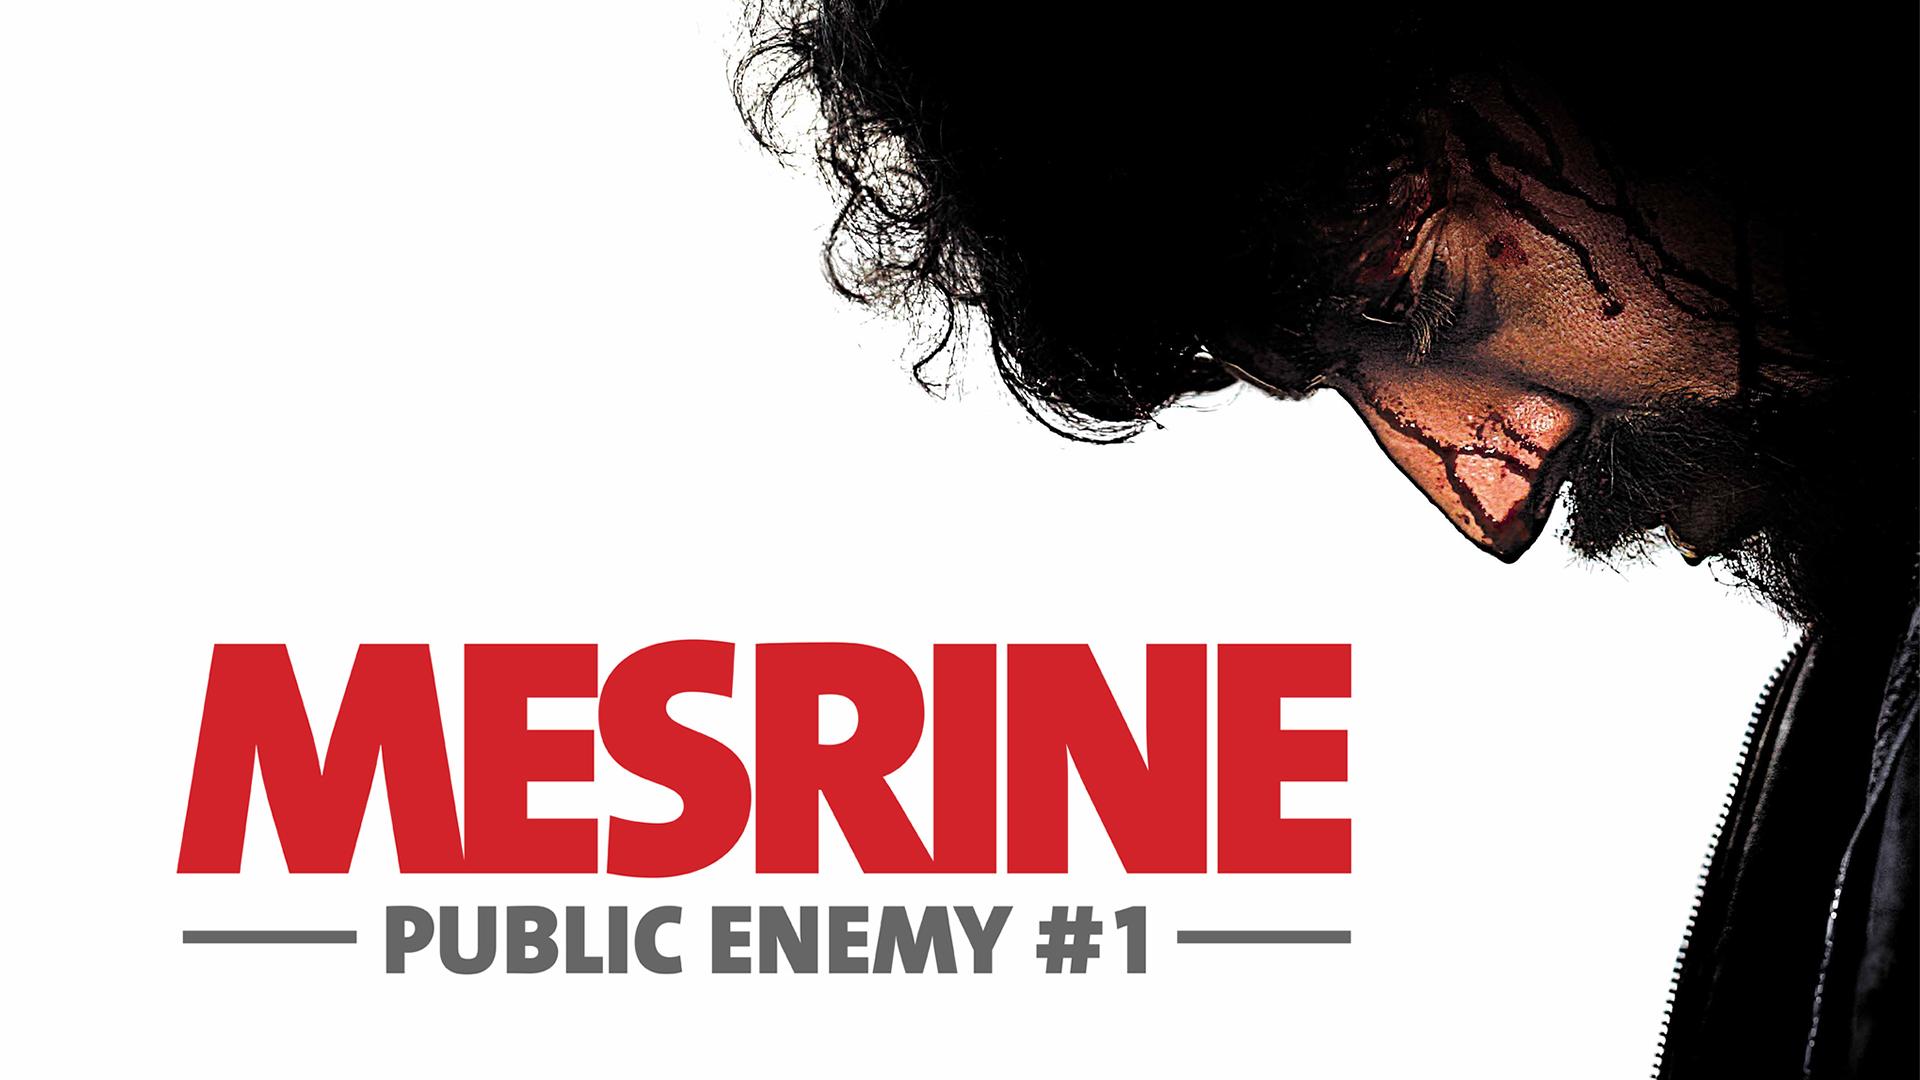 Mesrine Part 2: Public Enemy #1 (English dubbed)